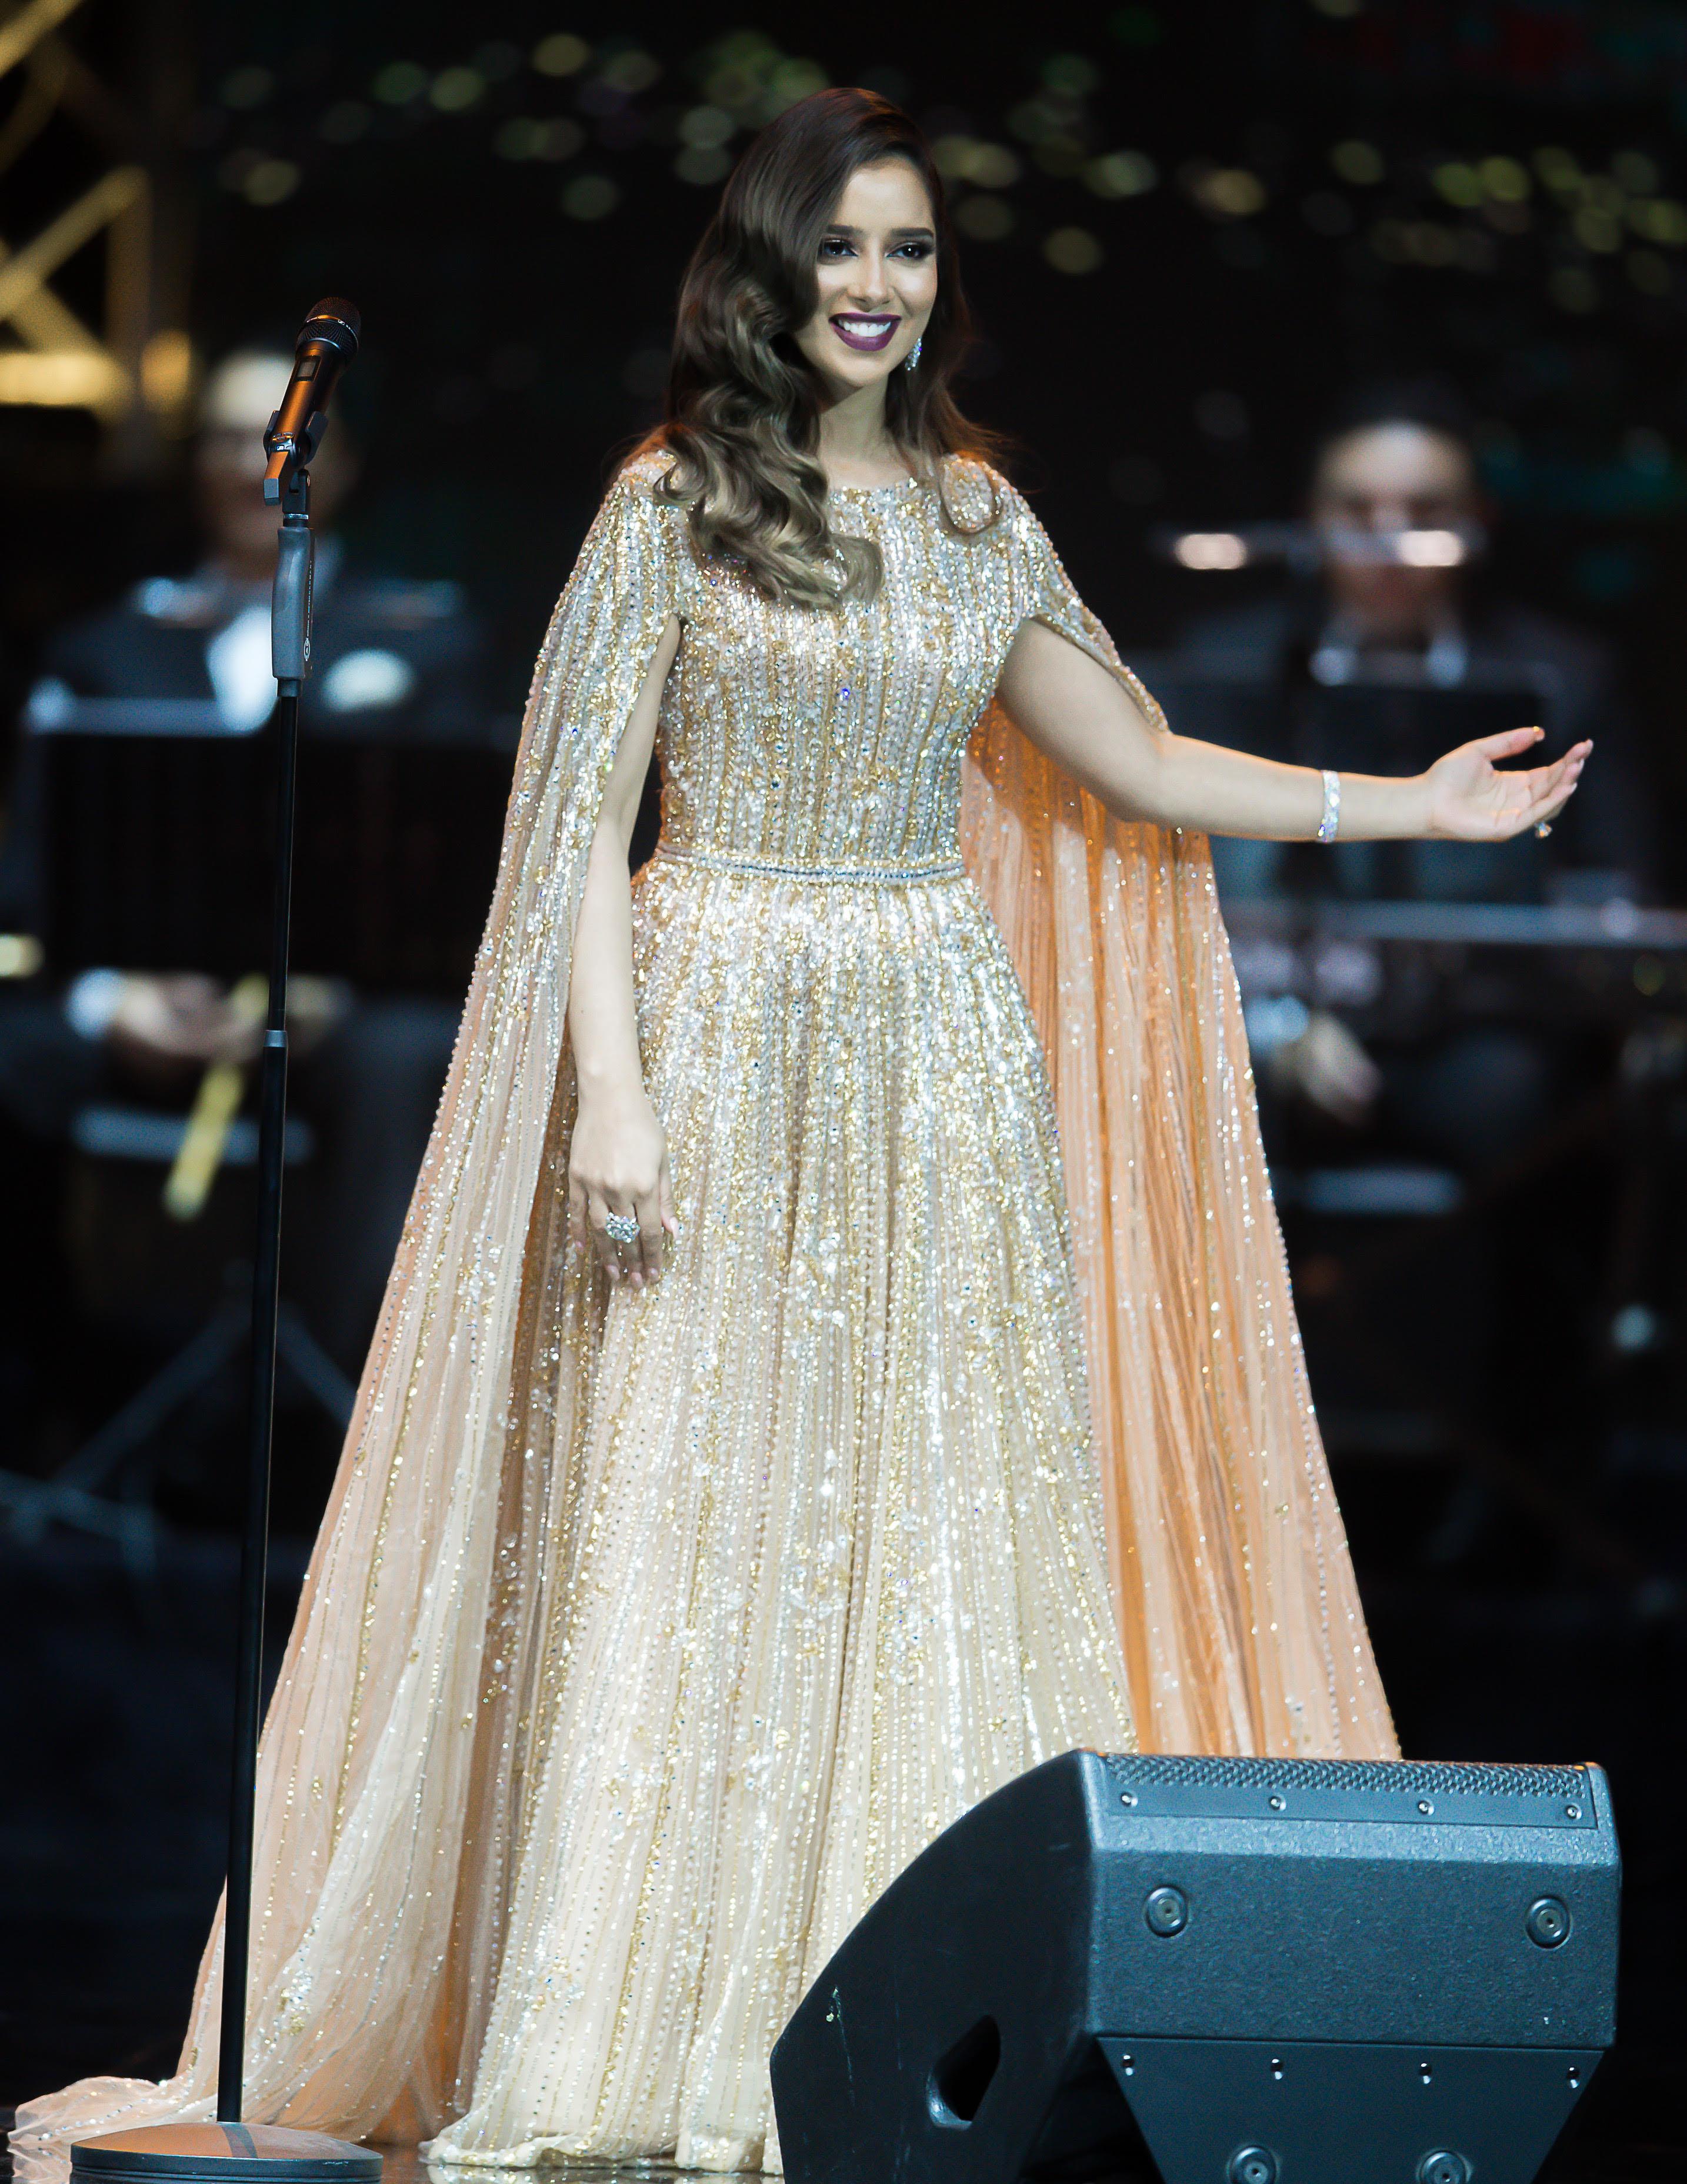 صورة نجاح بلقيس الاغنية الحديثة مع جيل الاصالة احمد فتحي وجمهور الكويت